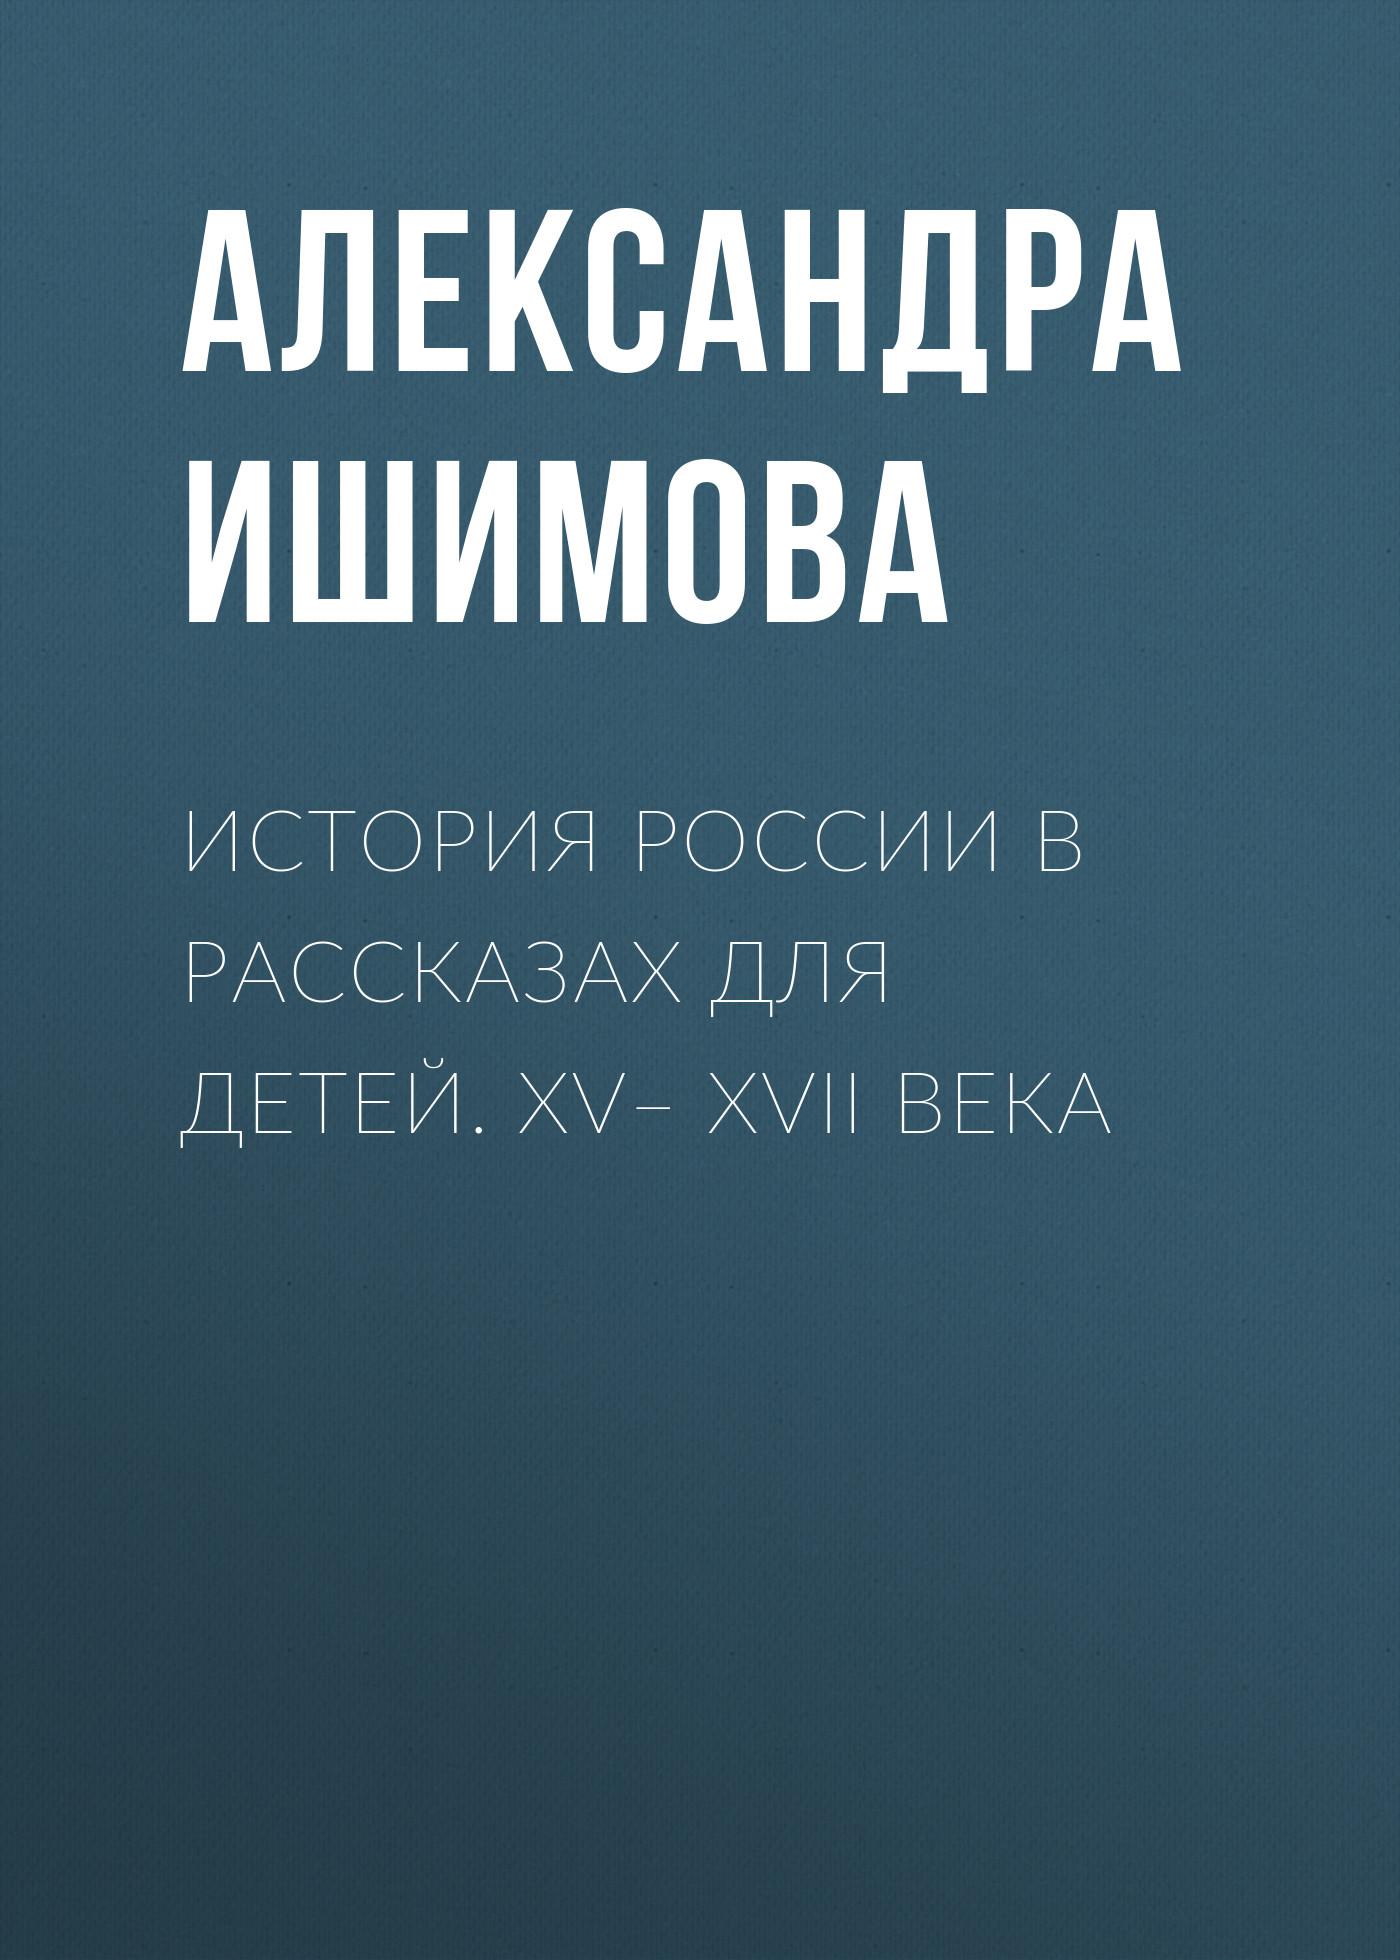 Александра Ишимова История России в рассказах для детей. XV– XVII века история россии для детей